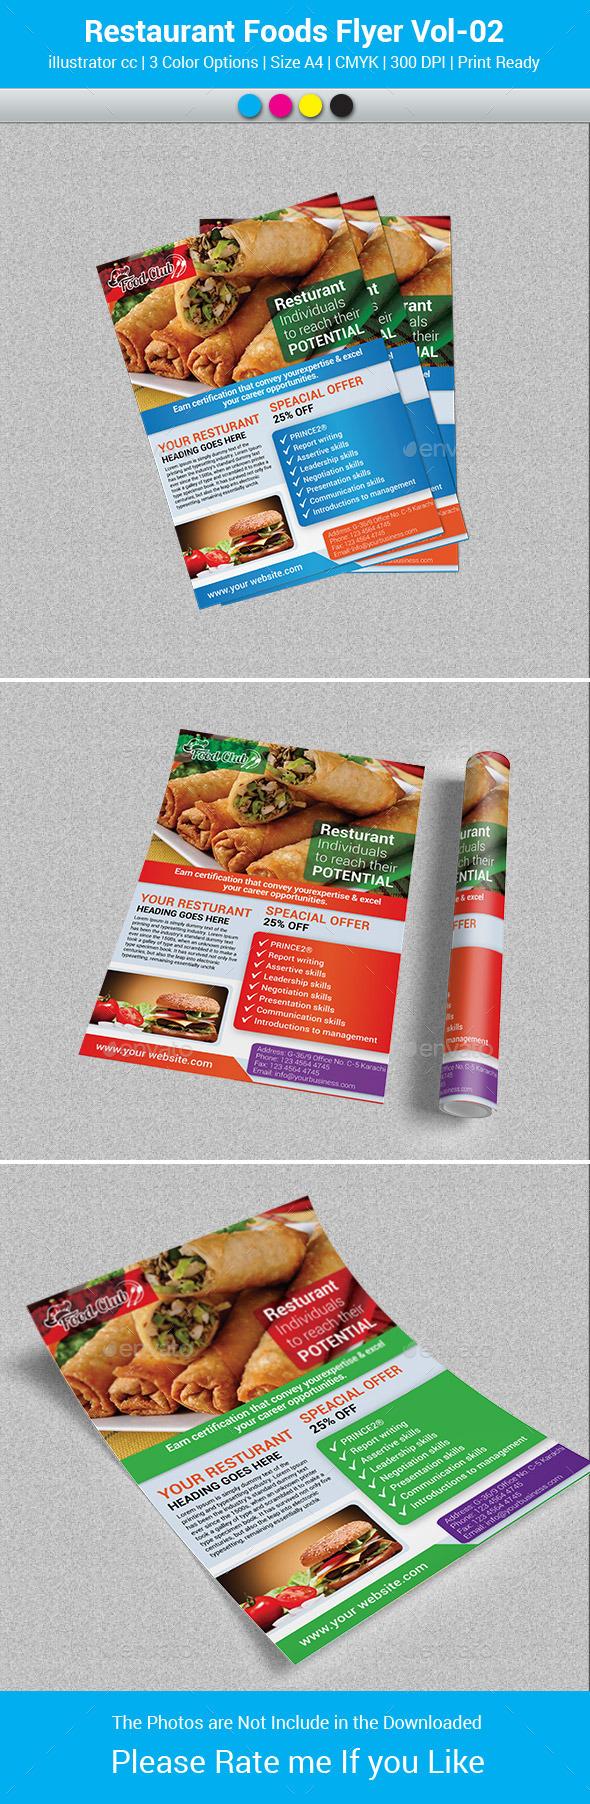 Restaurant Foods Flyer Vol-02